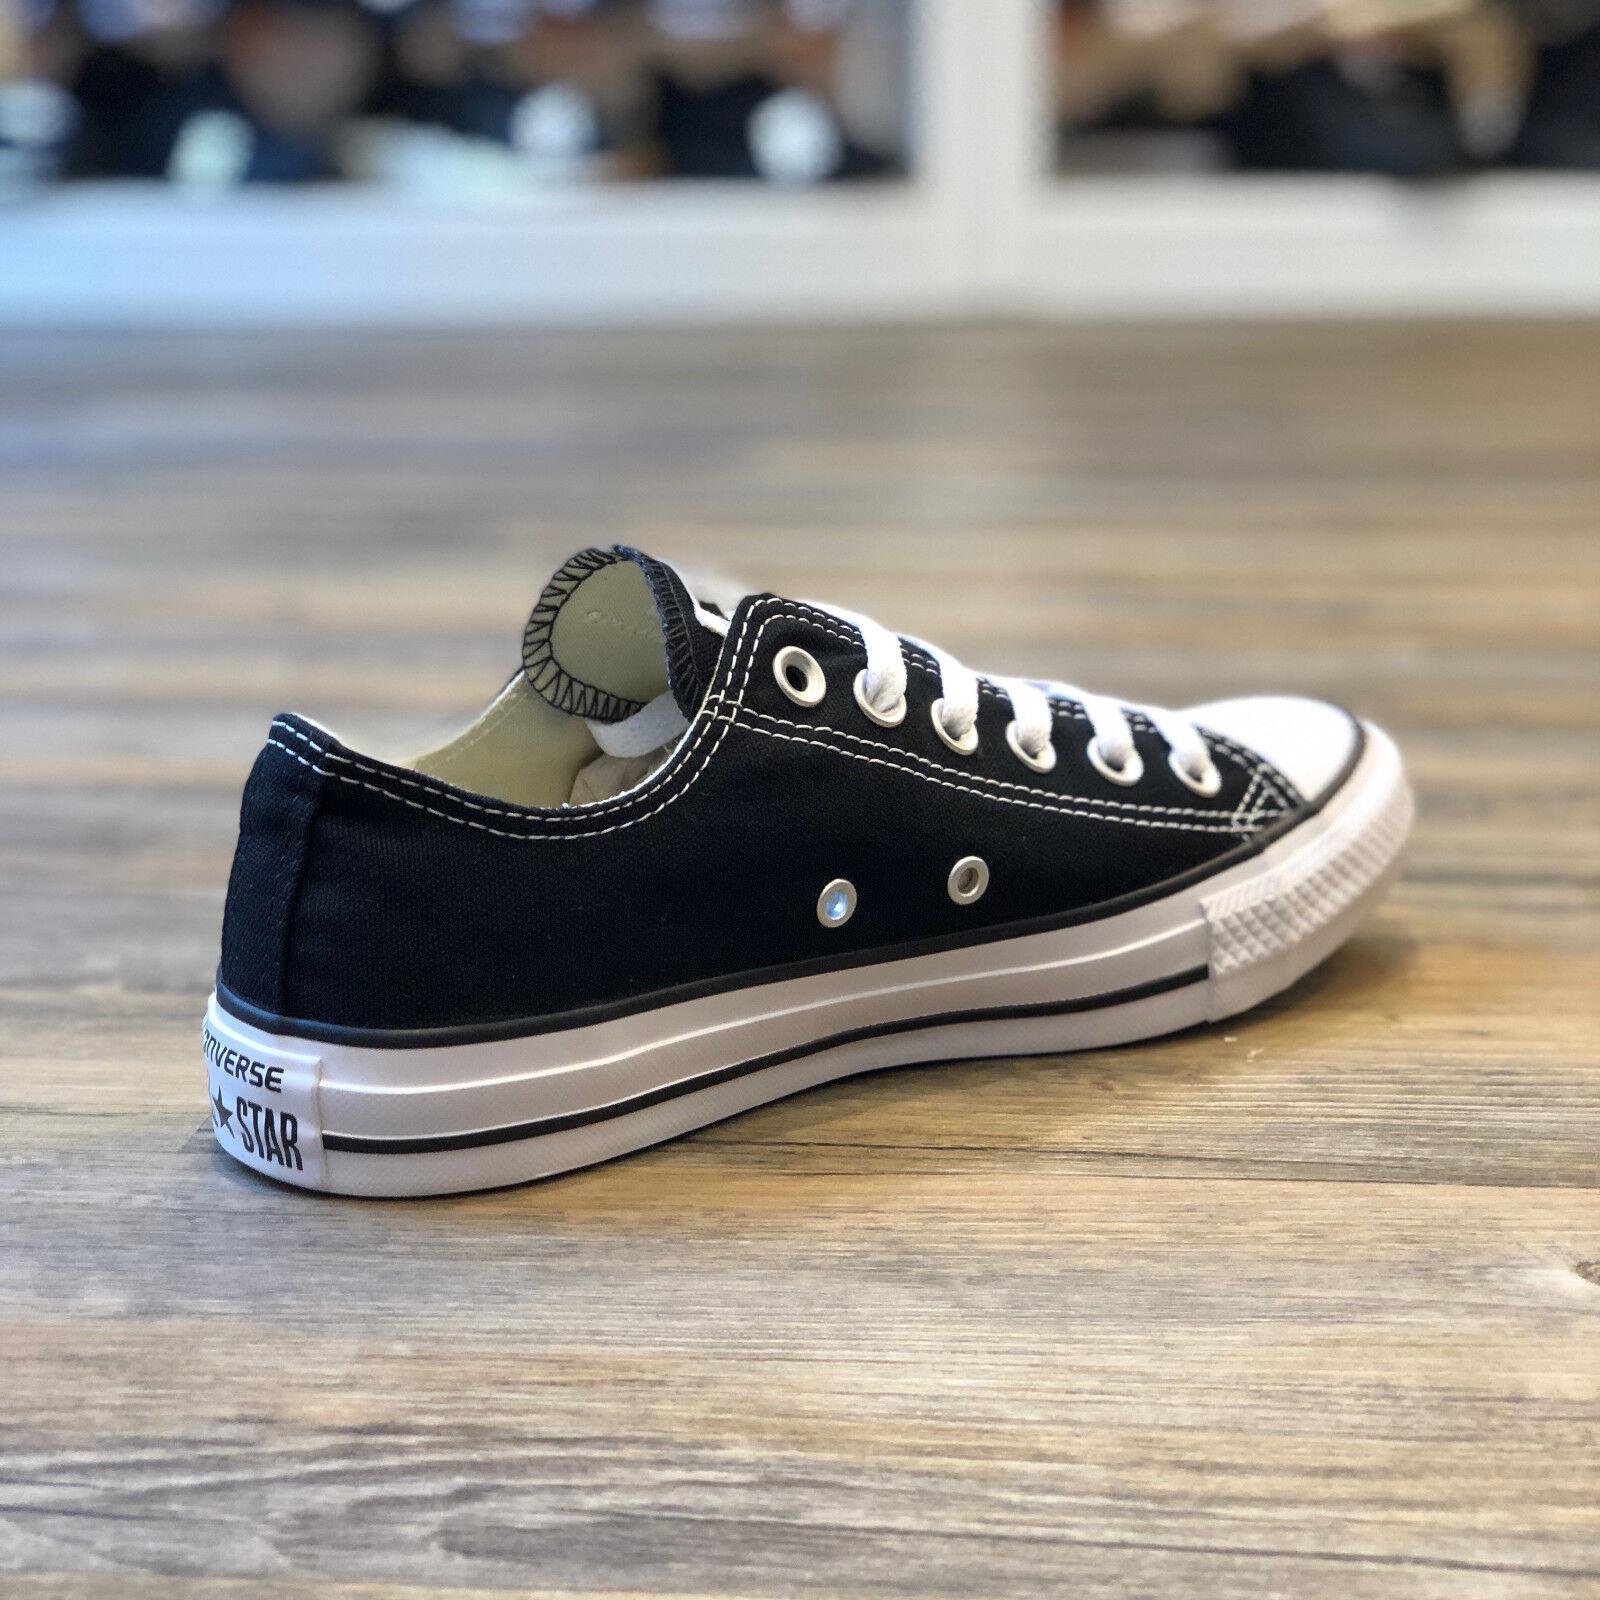 Converse All Star OS Low tg. 37,5 Nero Nero Nero Scarpe scarpe da ginnastica Turn nero Donna m9166c | Meno Costosi Di  | Maschio/Ragazze Scarpa  b28ead